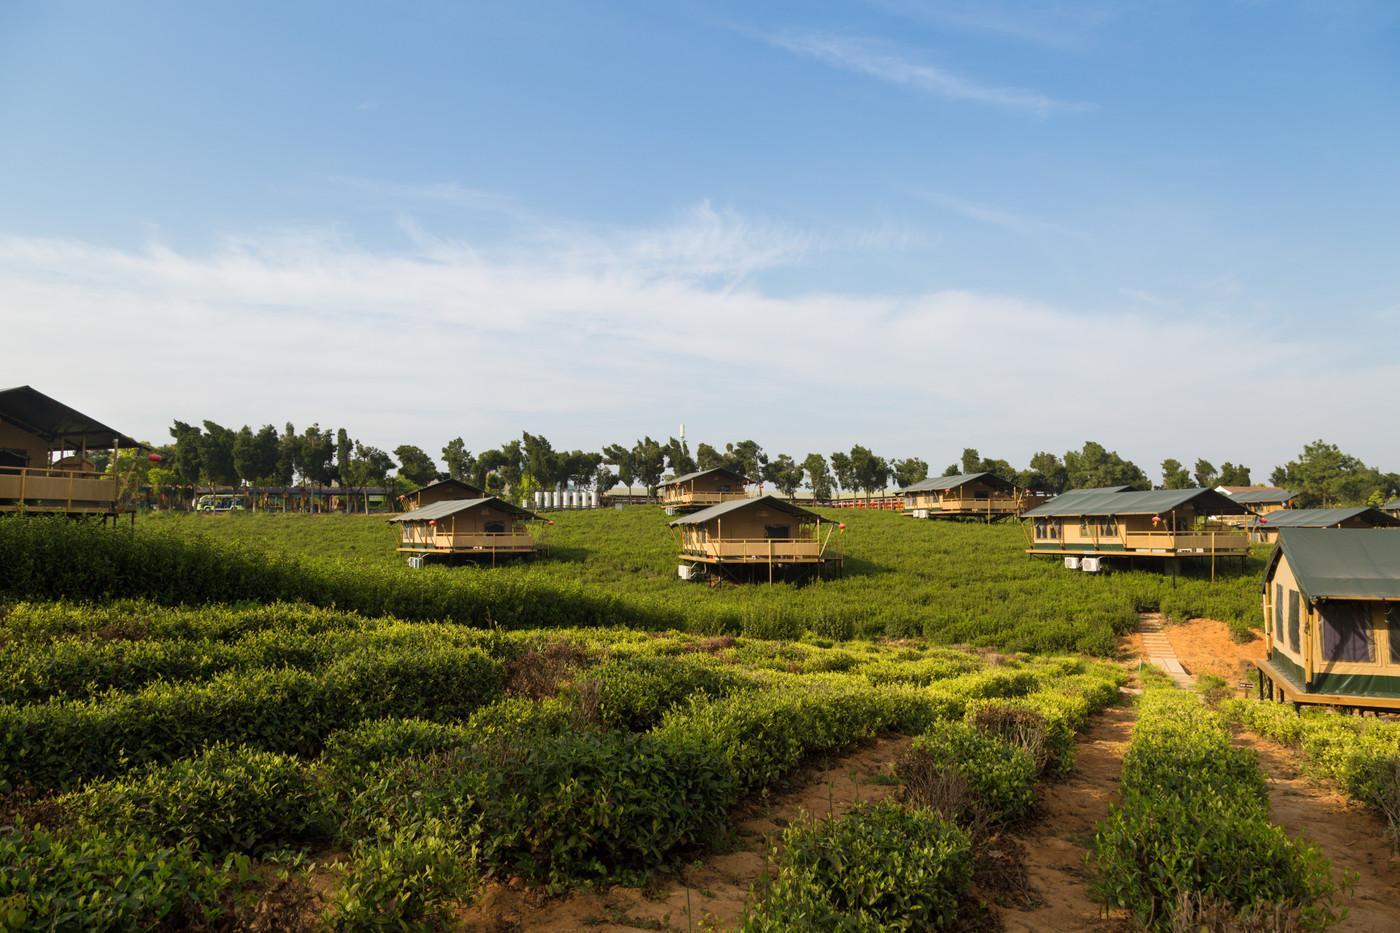 喜马拉雅野奢帐篷酒店—江苏常州茅山宝盛园2期茶田帐篷酒店1